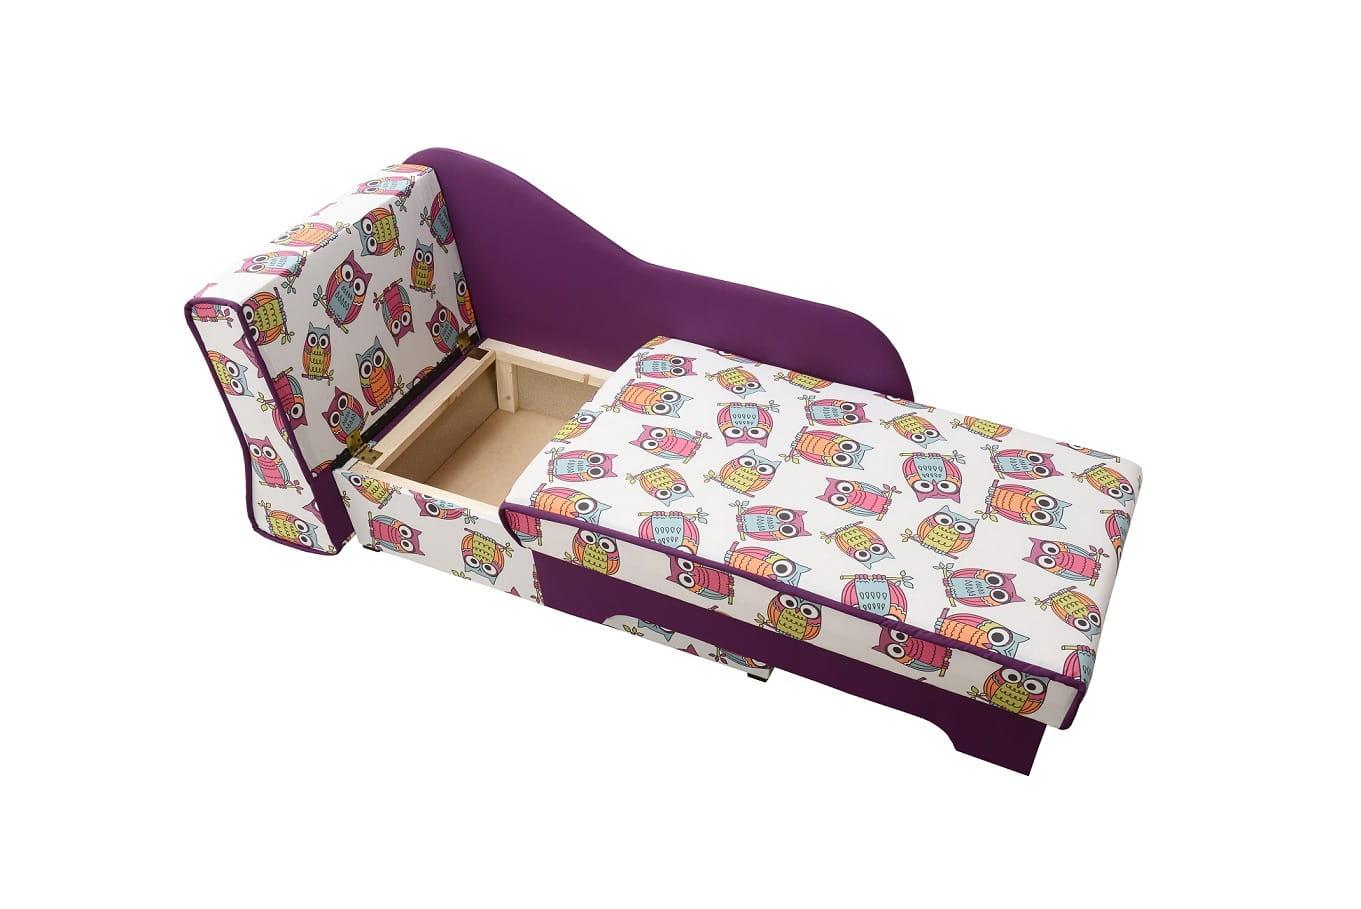 kindersofa steve deine moebel 24 einfach einrichten. Black Bedroom Furniture Sets. Home Design Ideas